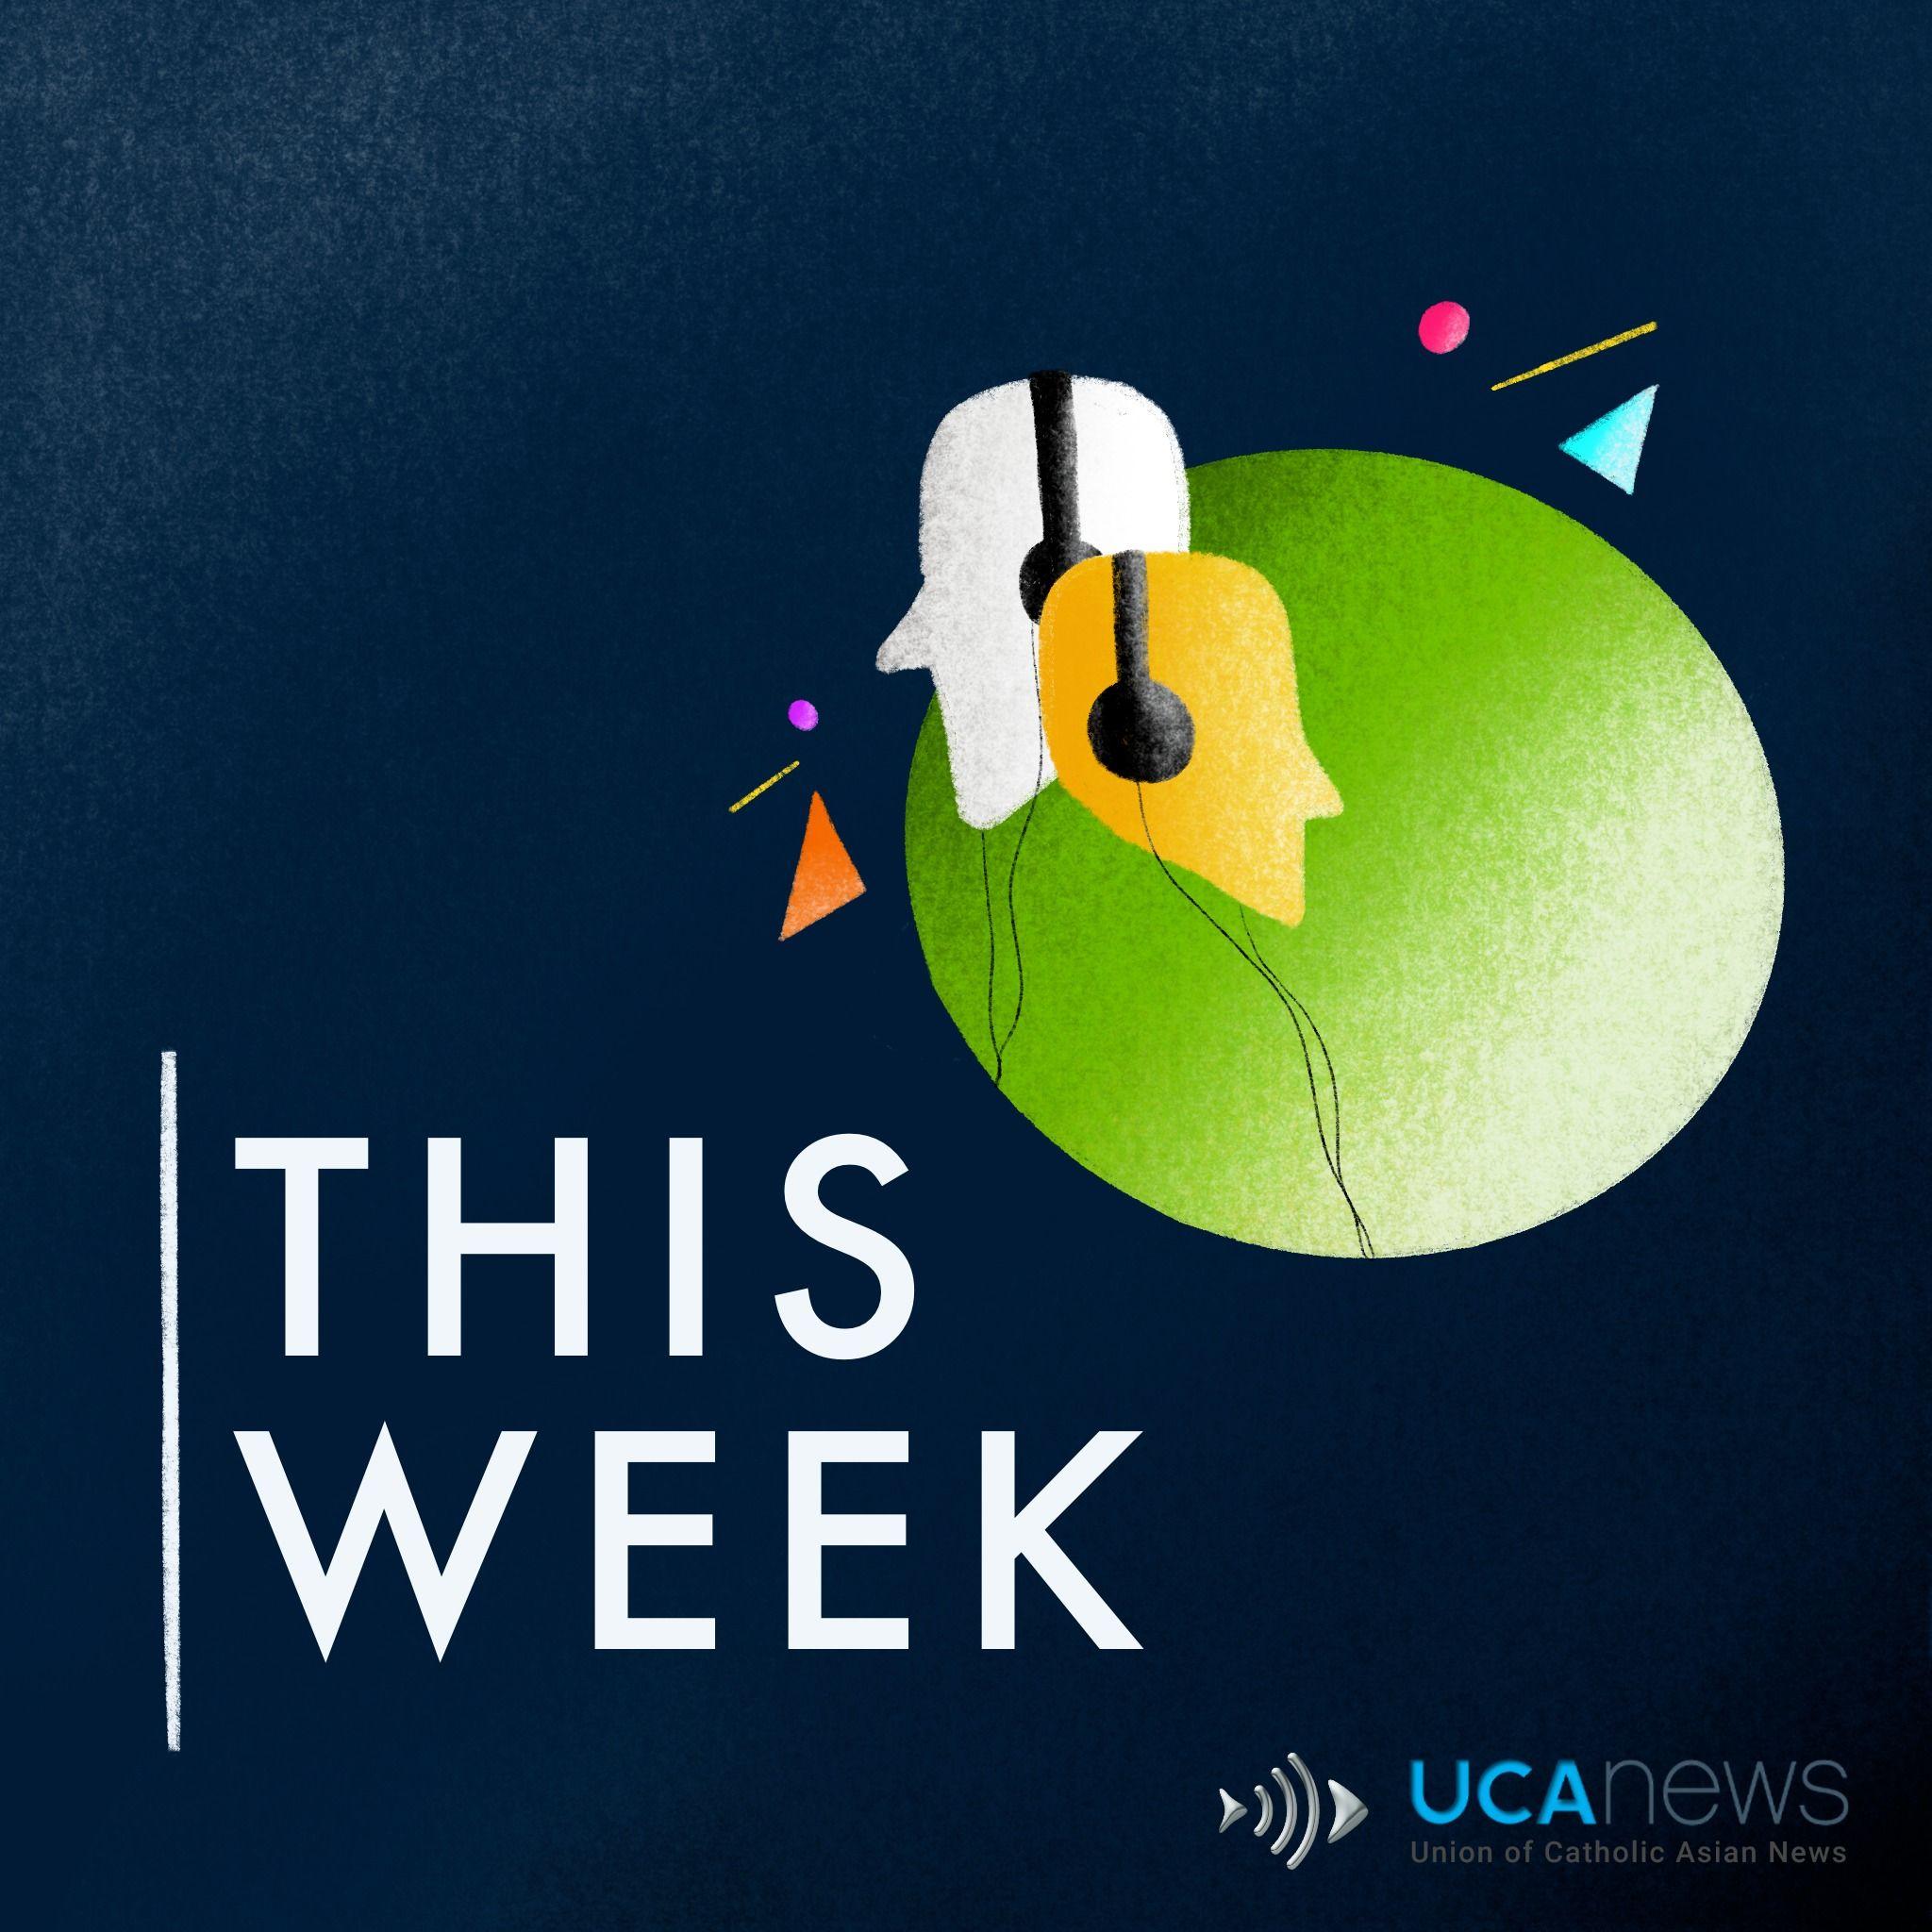 UCA News Weekly Summary, July 9, 2021